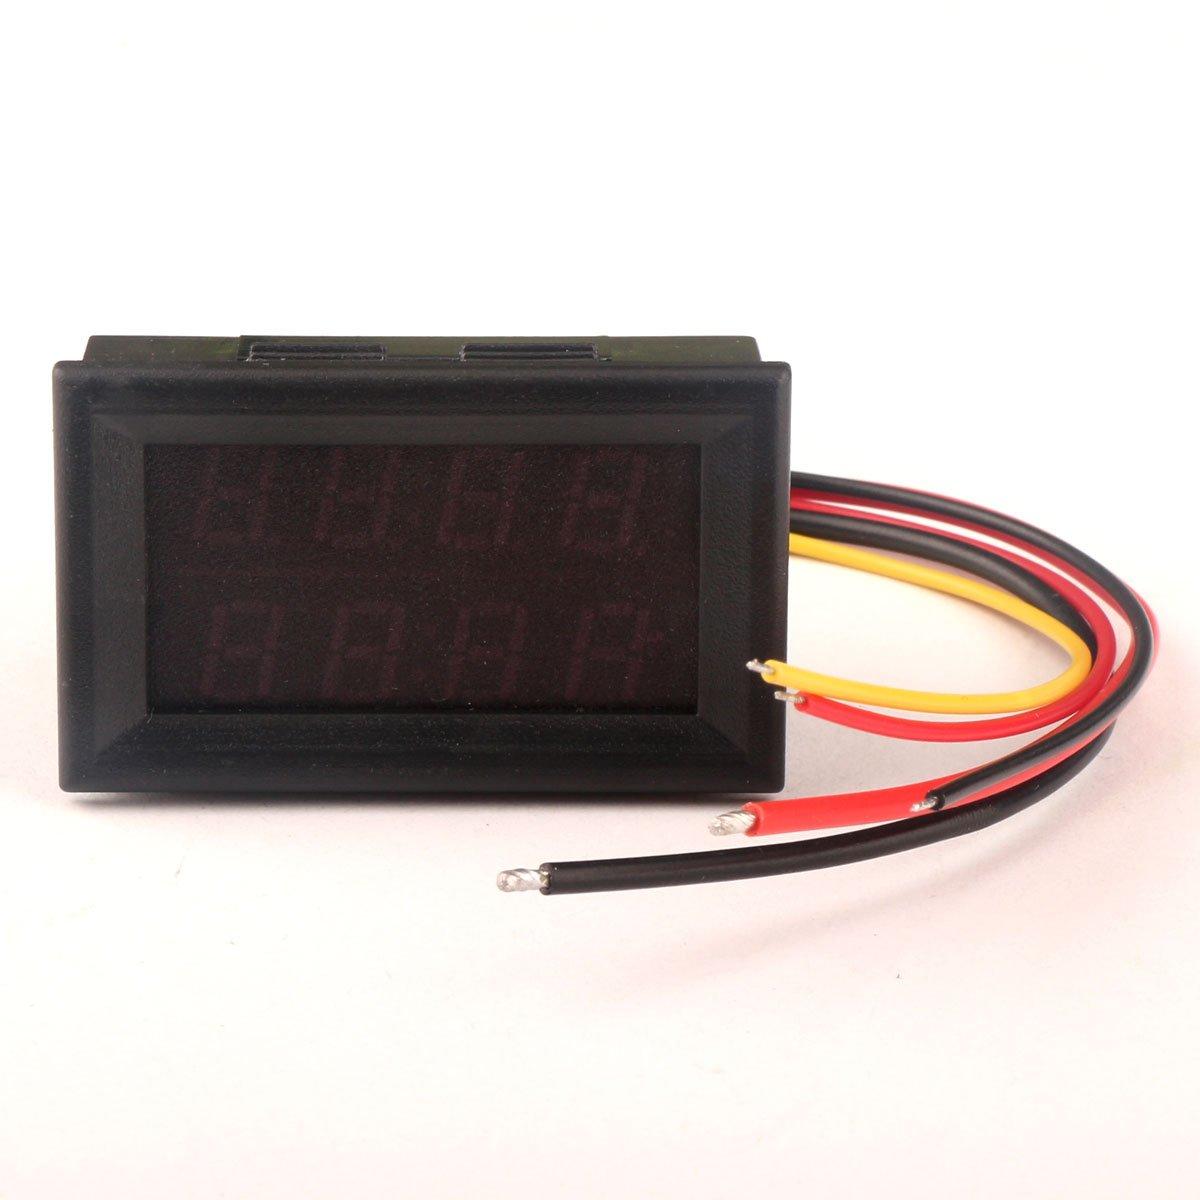 DROK&reg: Digital Voltmeter / Amperemeter DC 0-33V / 0-3A 12V 0, 28 ...